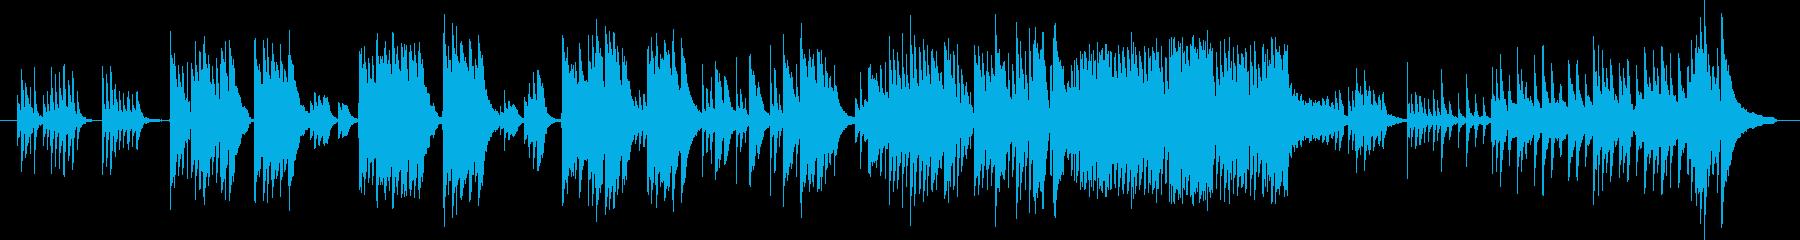 ピアノをメインにしたどこか懐かしいでも…の再生済みの波形